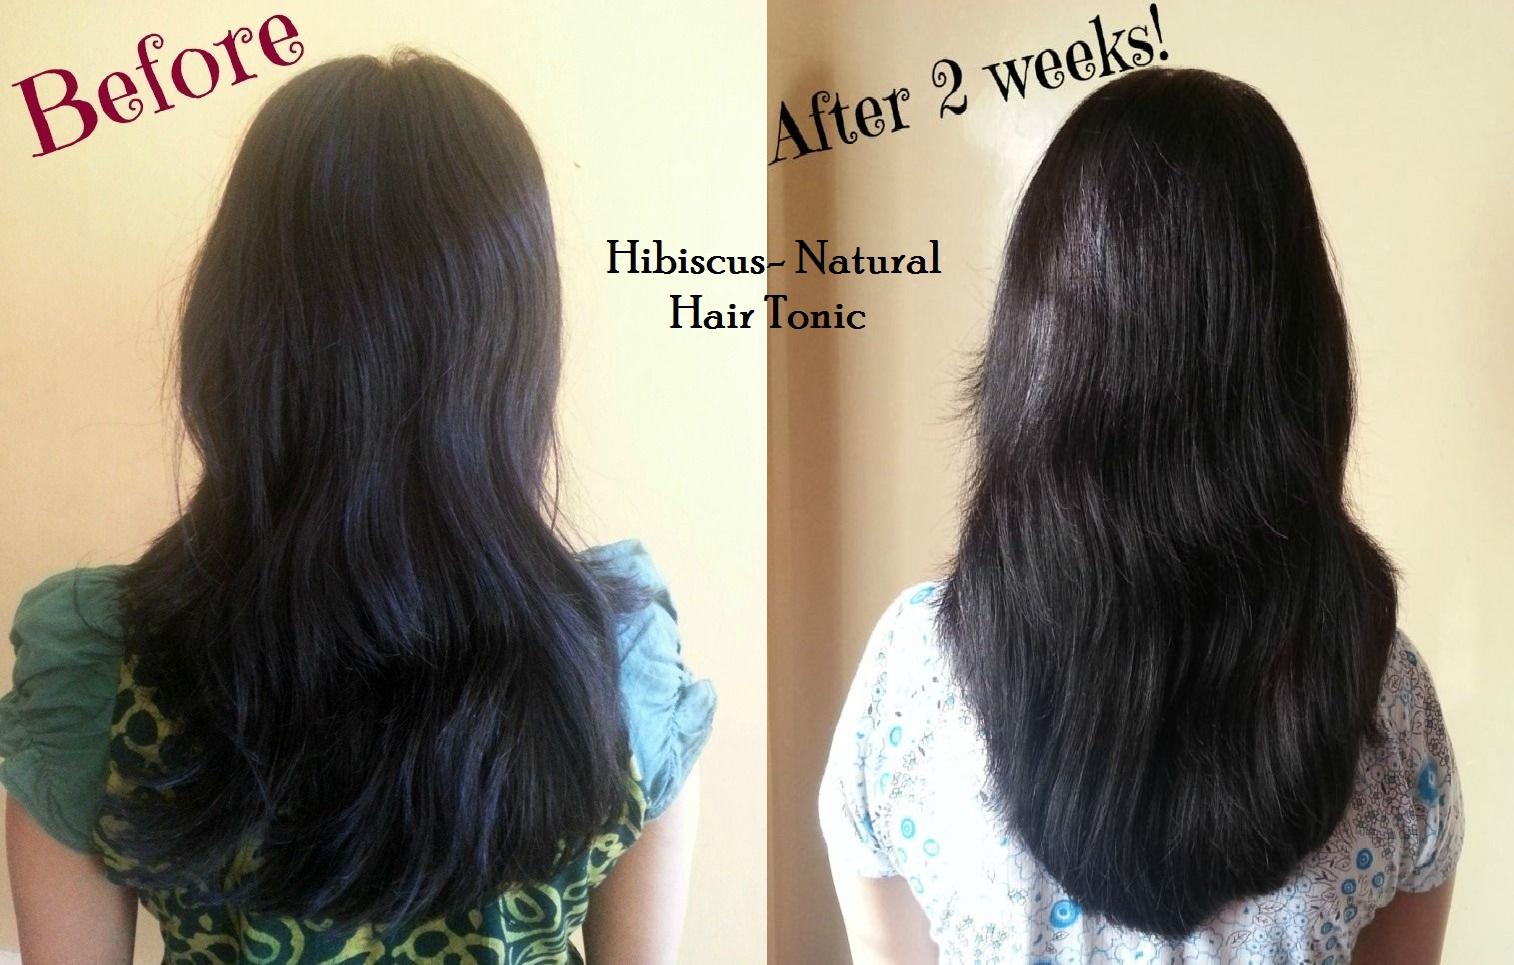 hibiscus-natural-hair-tonic